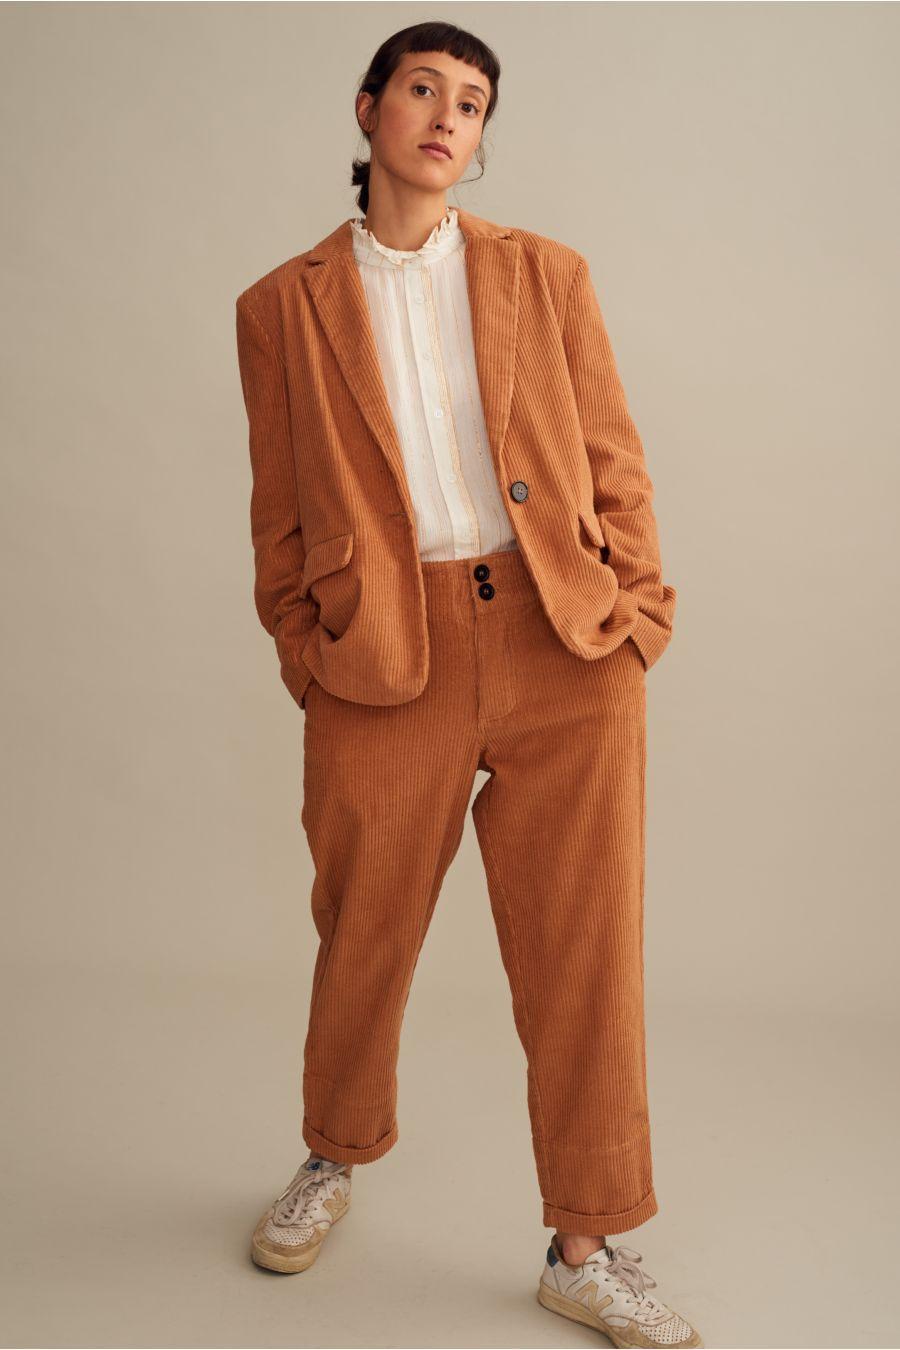 cbf4b9c8ed8dd ... Le tailleur-pantalon en velours nous en fait voir de toutes les  couleurs - Admise Paris Le tailleur-pantalon en velours nous en fait voir  de toutes les ...